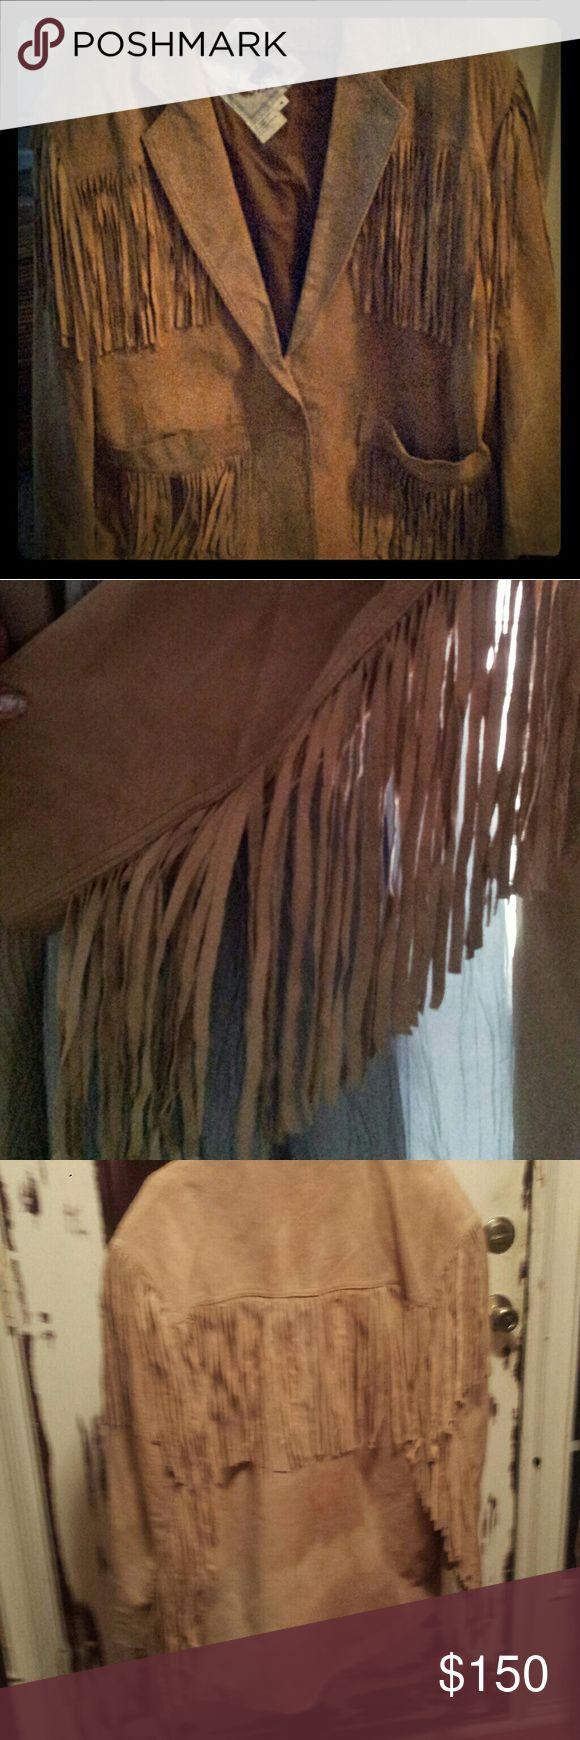 25+ parasta ideaa Pinterestissä: Burlington coat factory